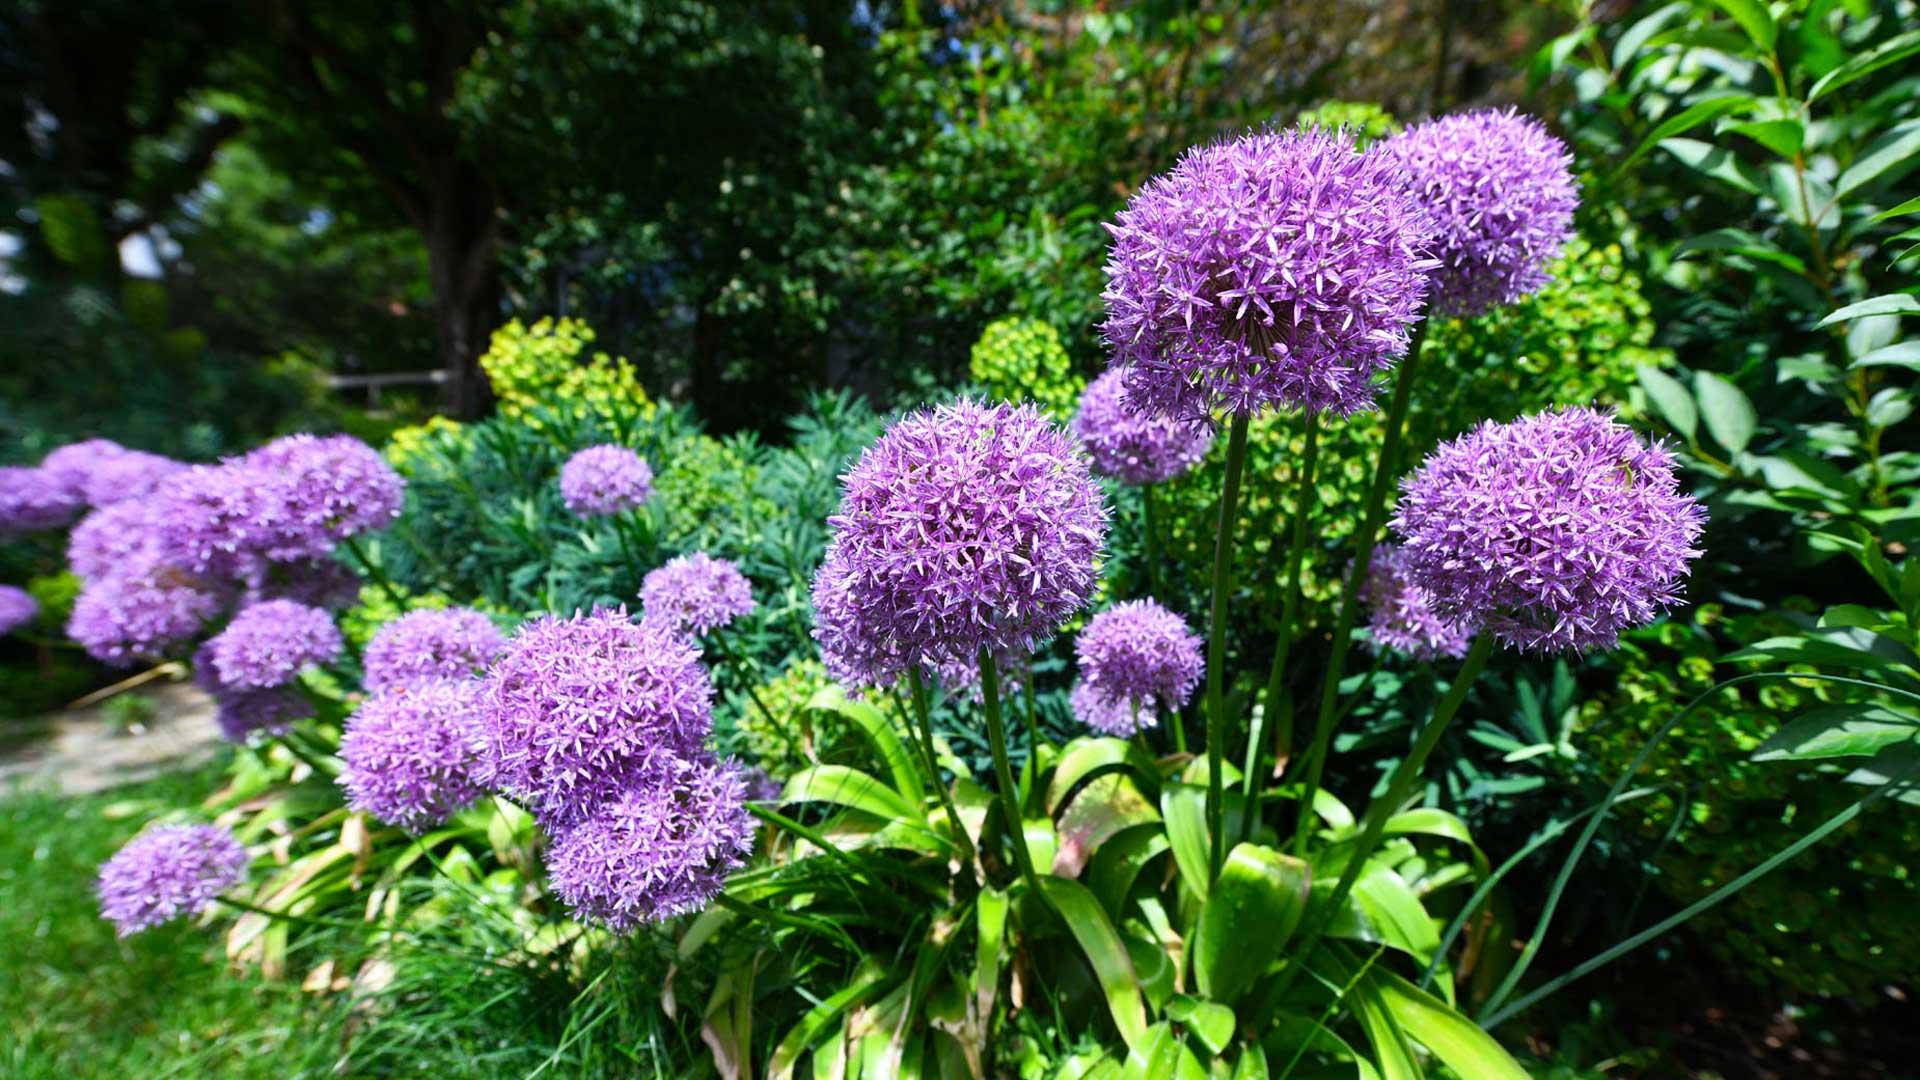 Les plantes colorées du jardin botanique !